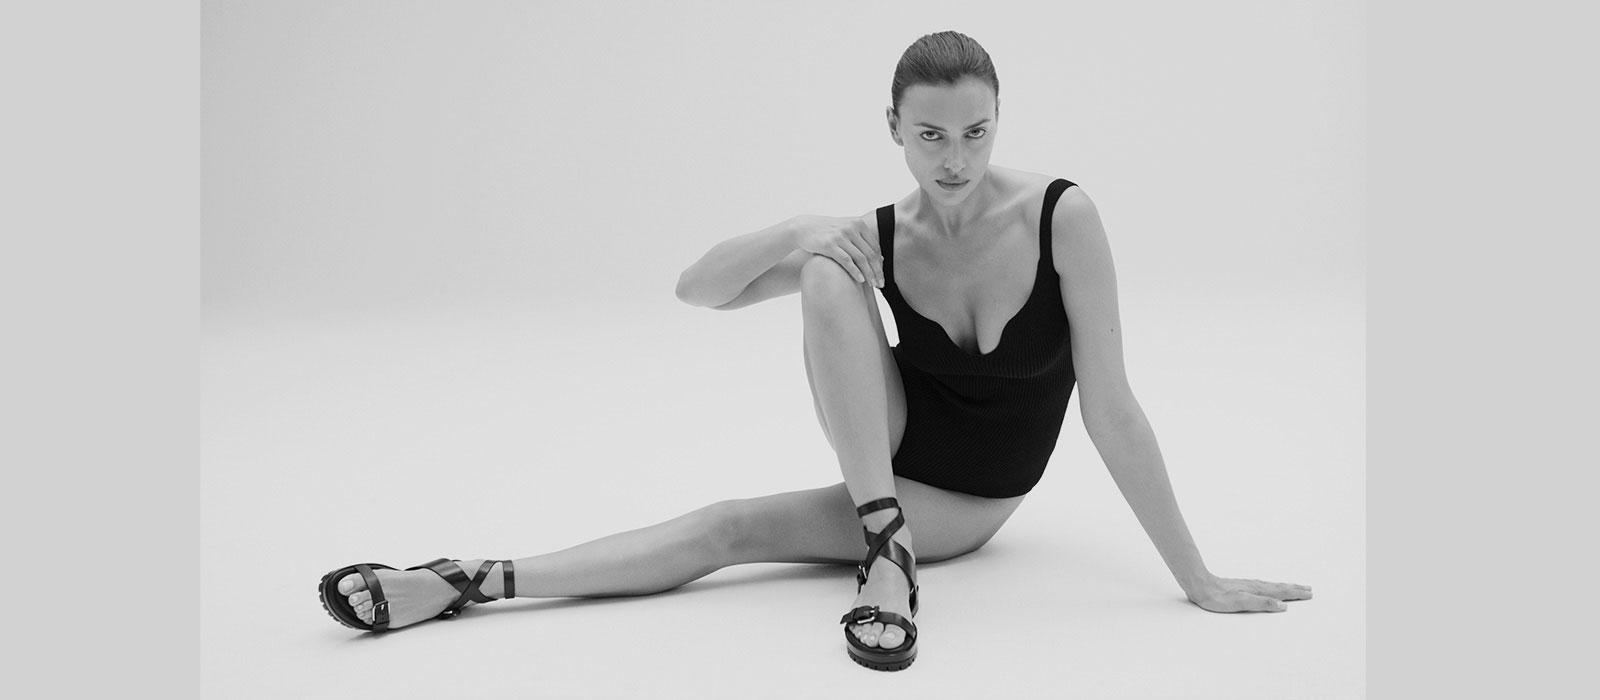 Tamara Mellon X Irina Shayk Collaboration